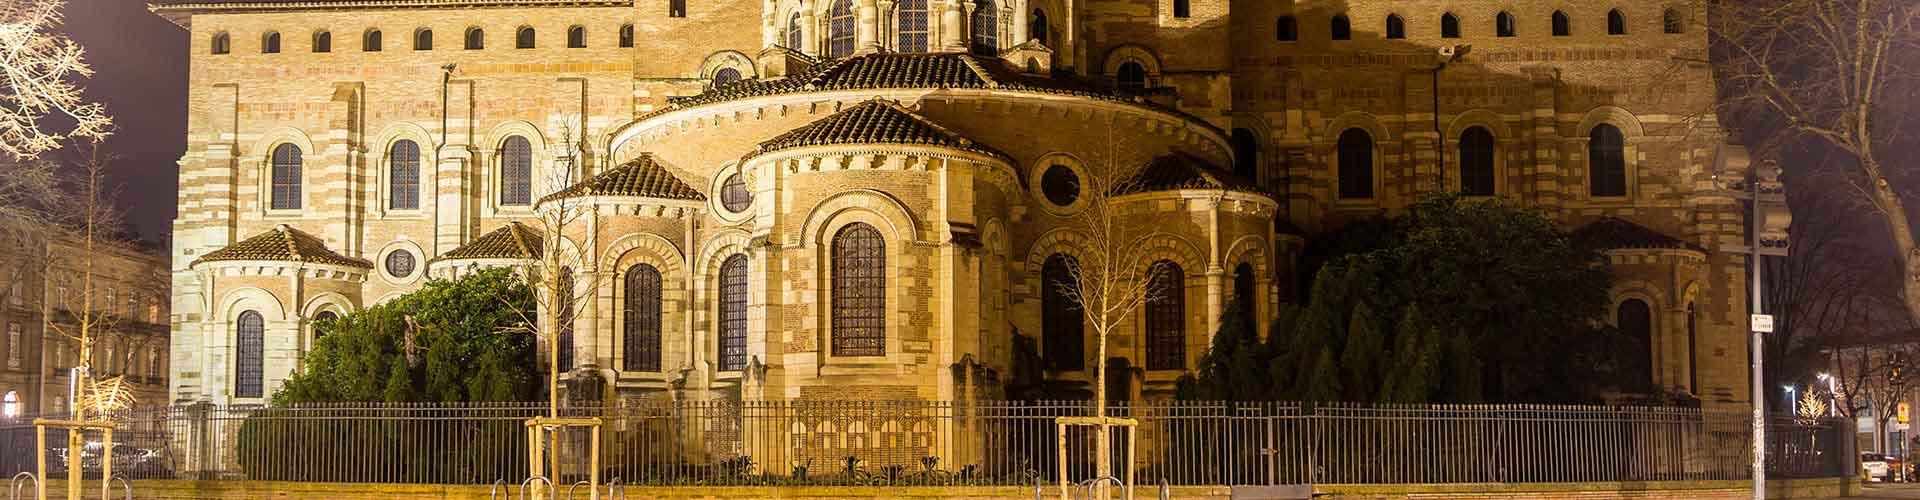 툴루즈 - Saint Sernin지역에 위치한 호텔. 툴루즈의 지도, 툴루즈에 위치한 호텔에 대한 사진 및 리뷰.